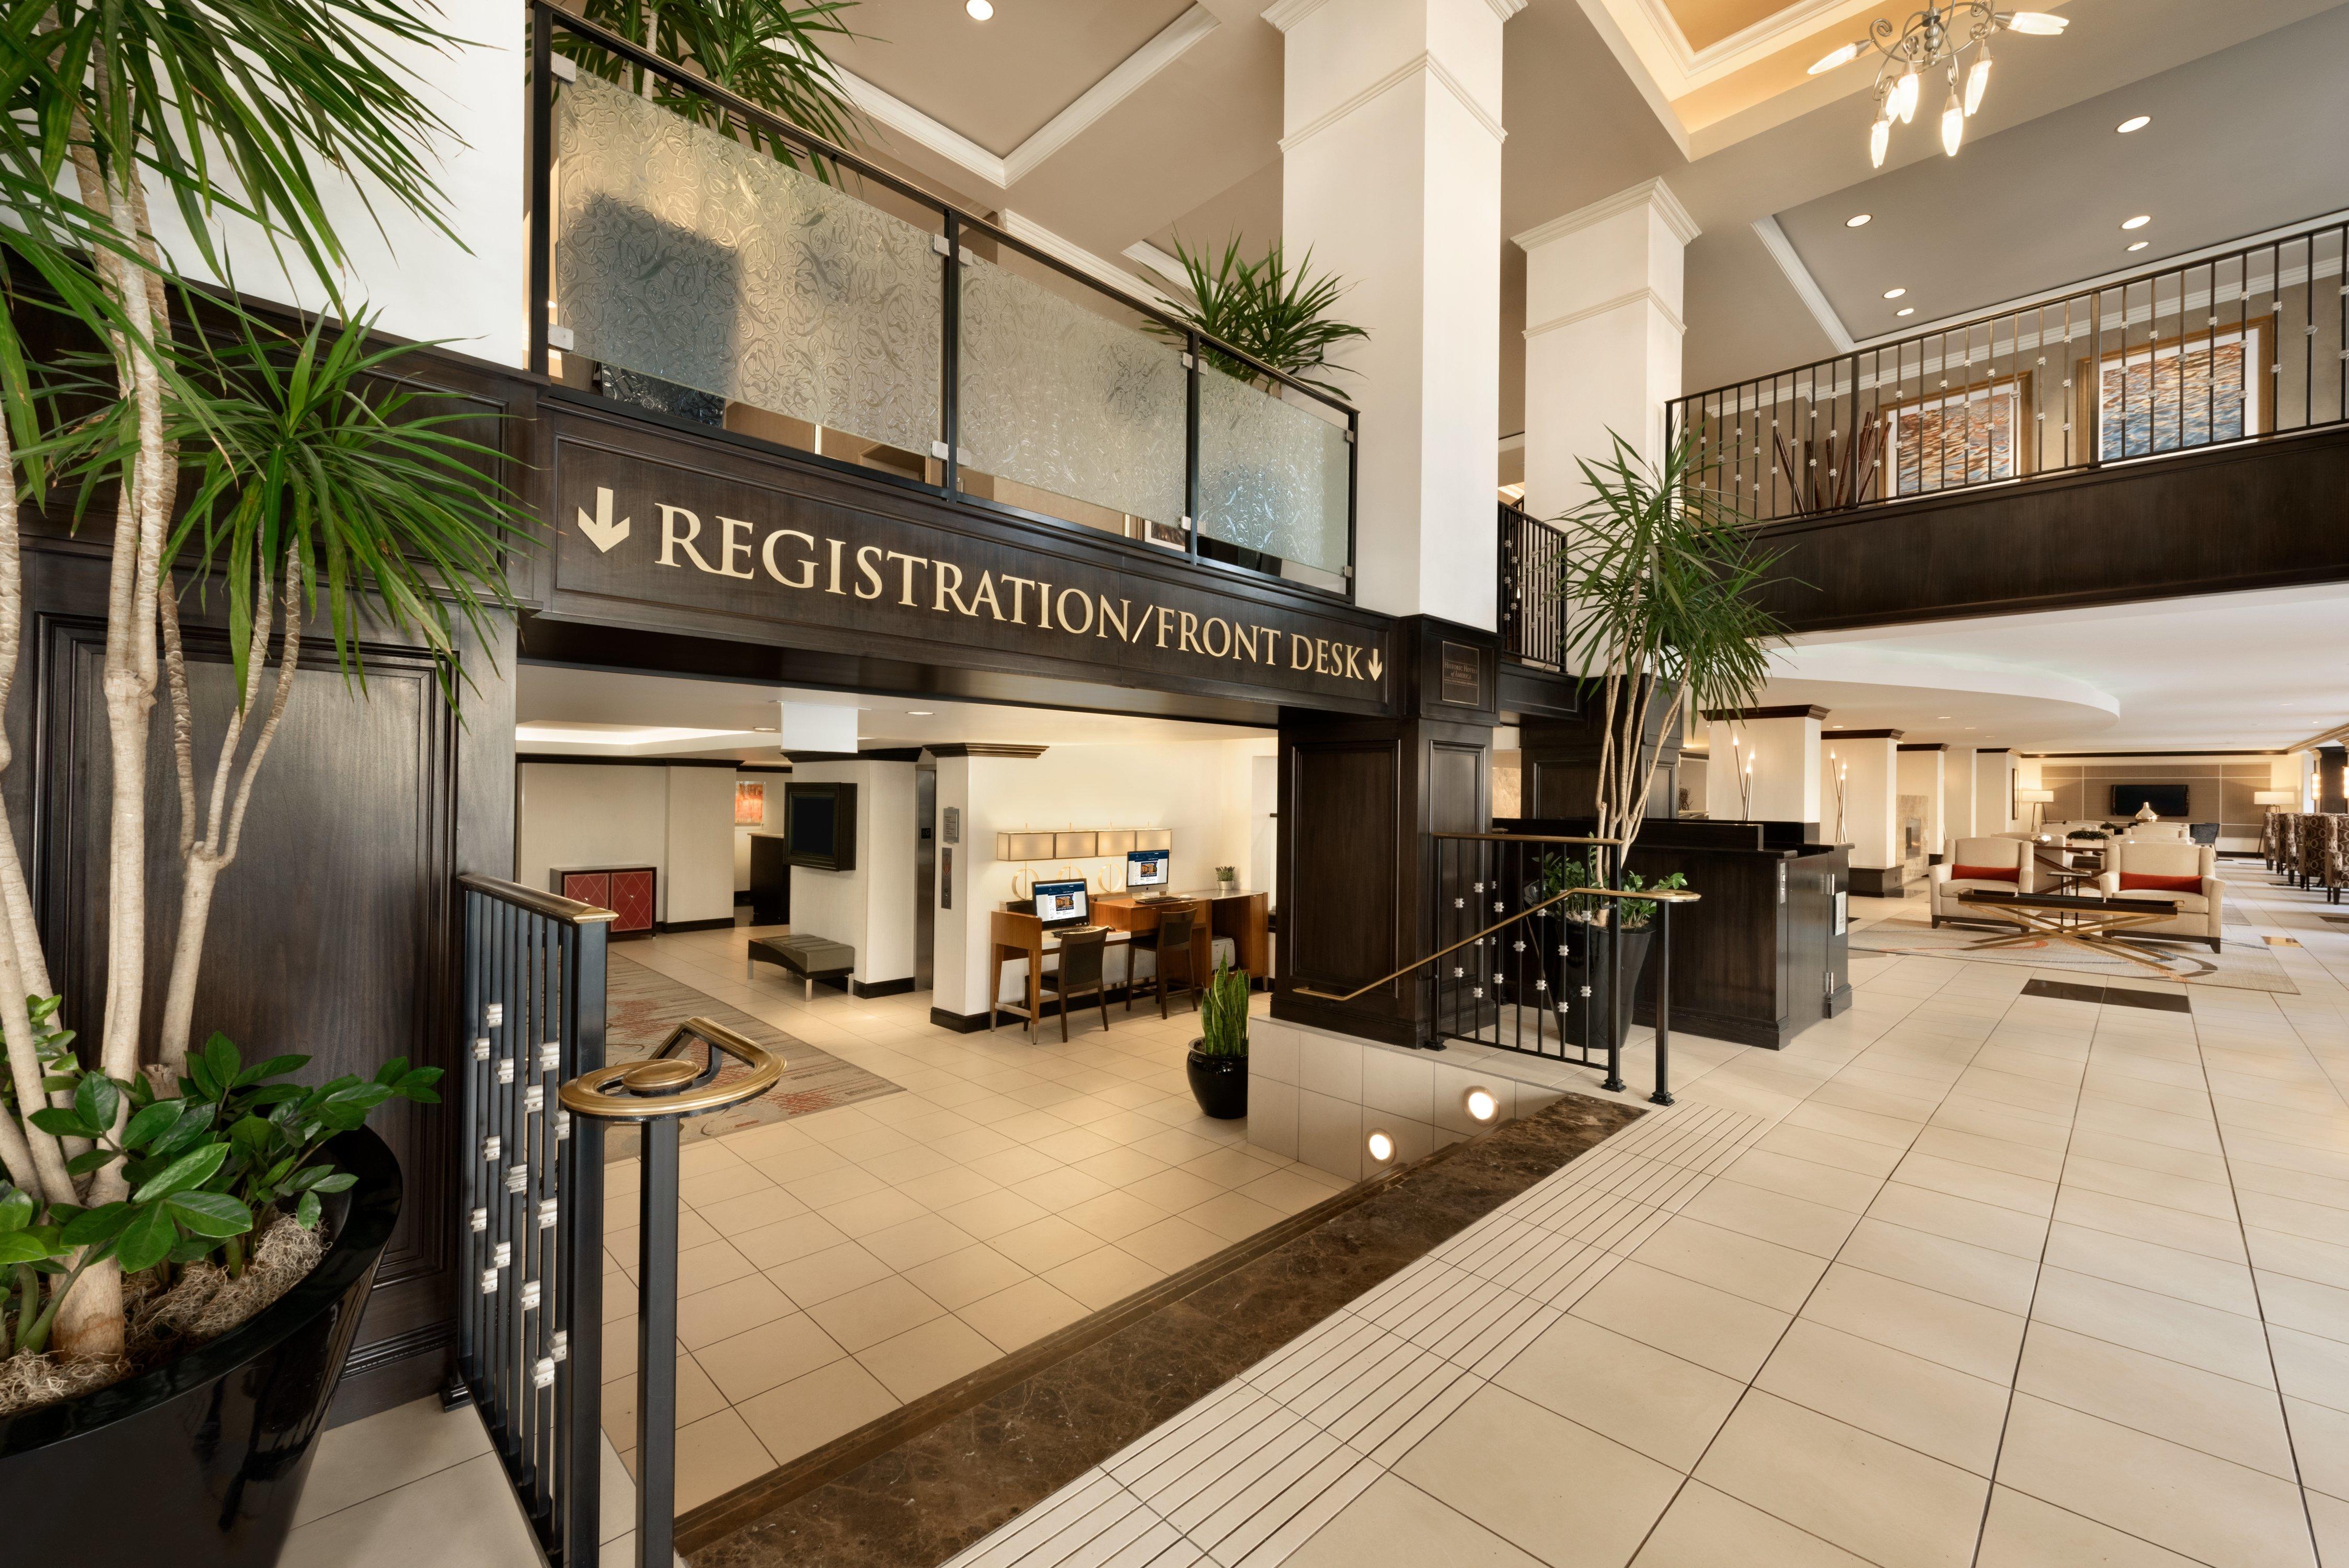 Hilton Orrington Evanston in Evanston IL